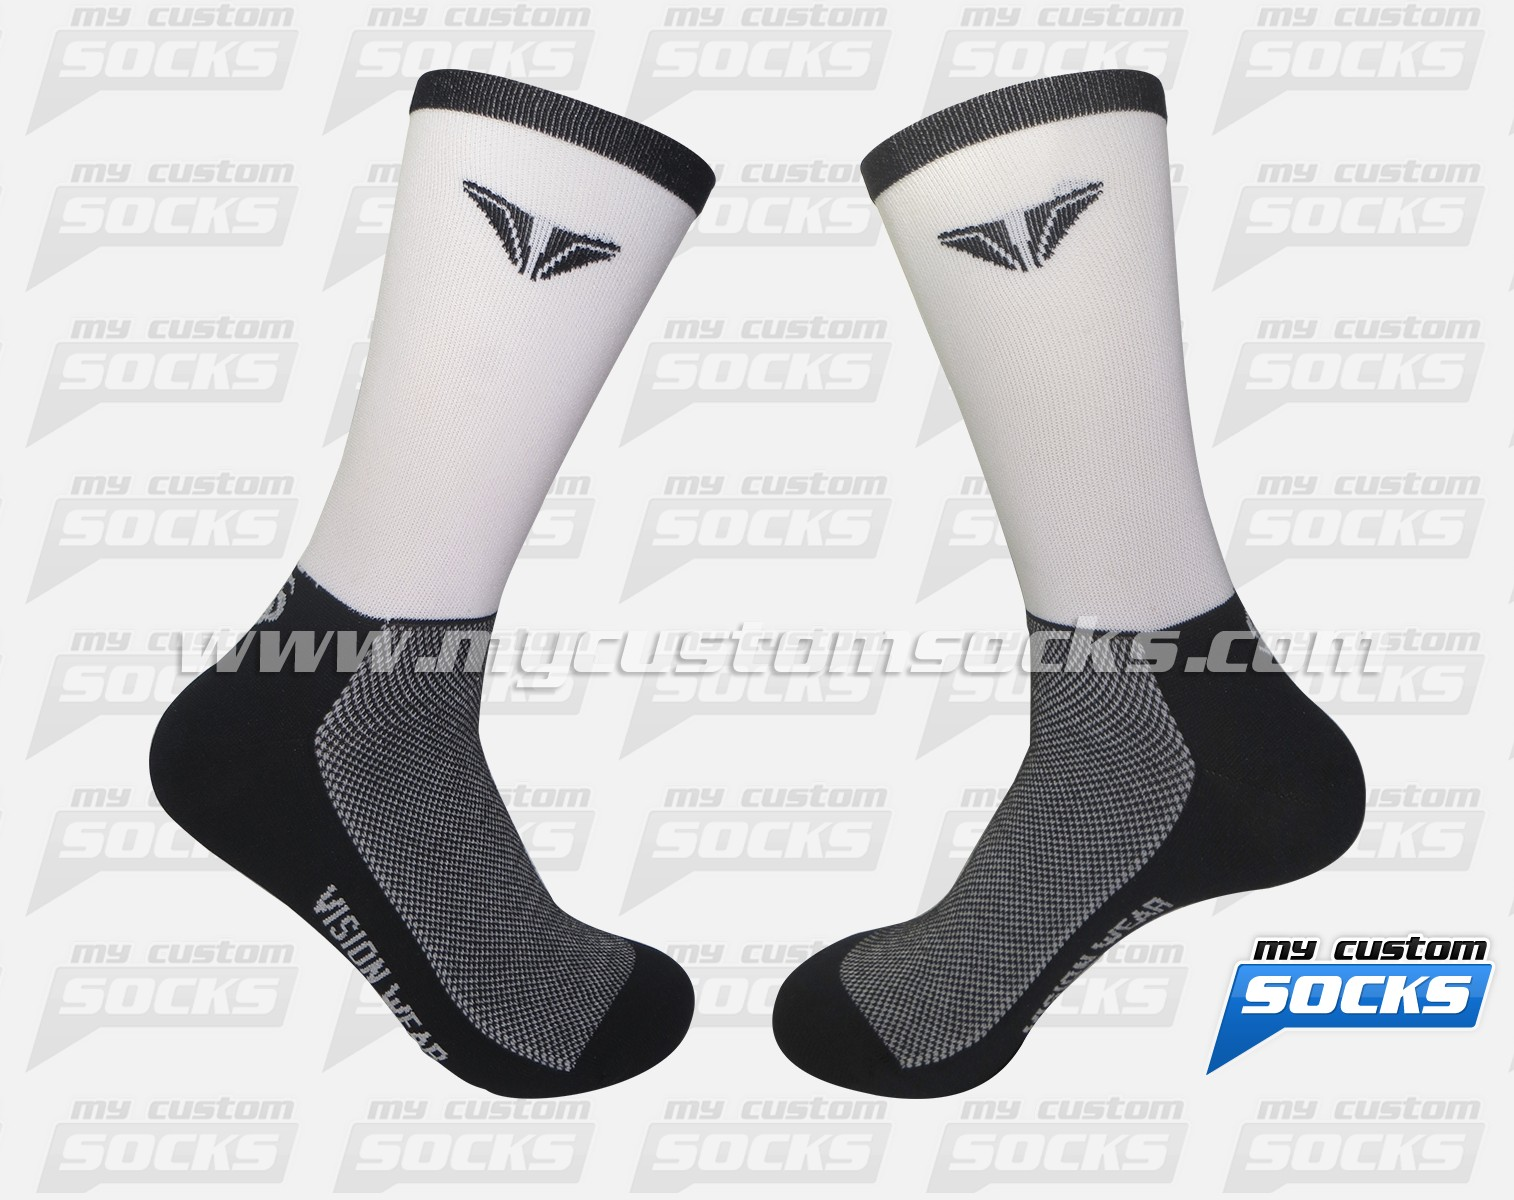 Vision Wear - Black